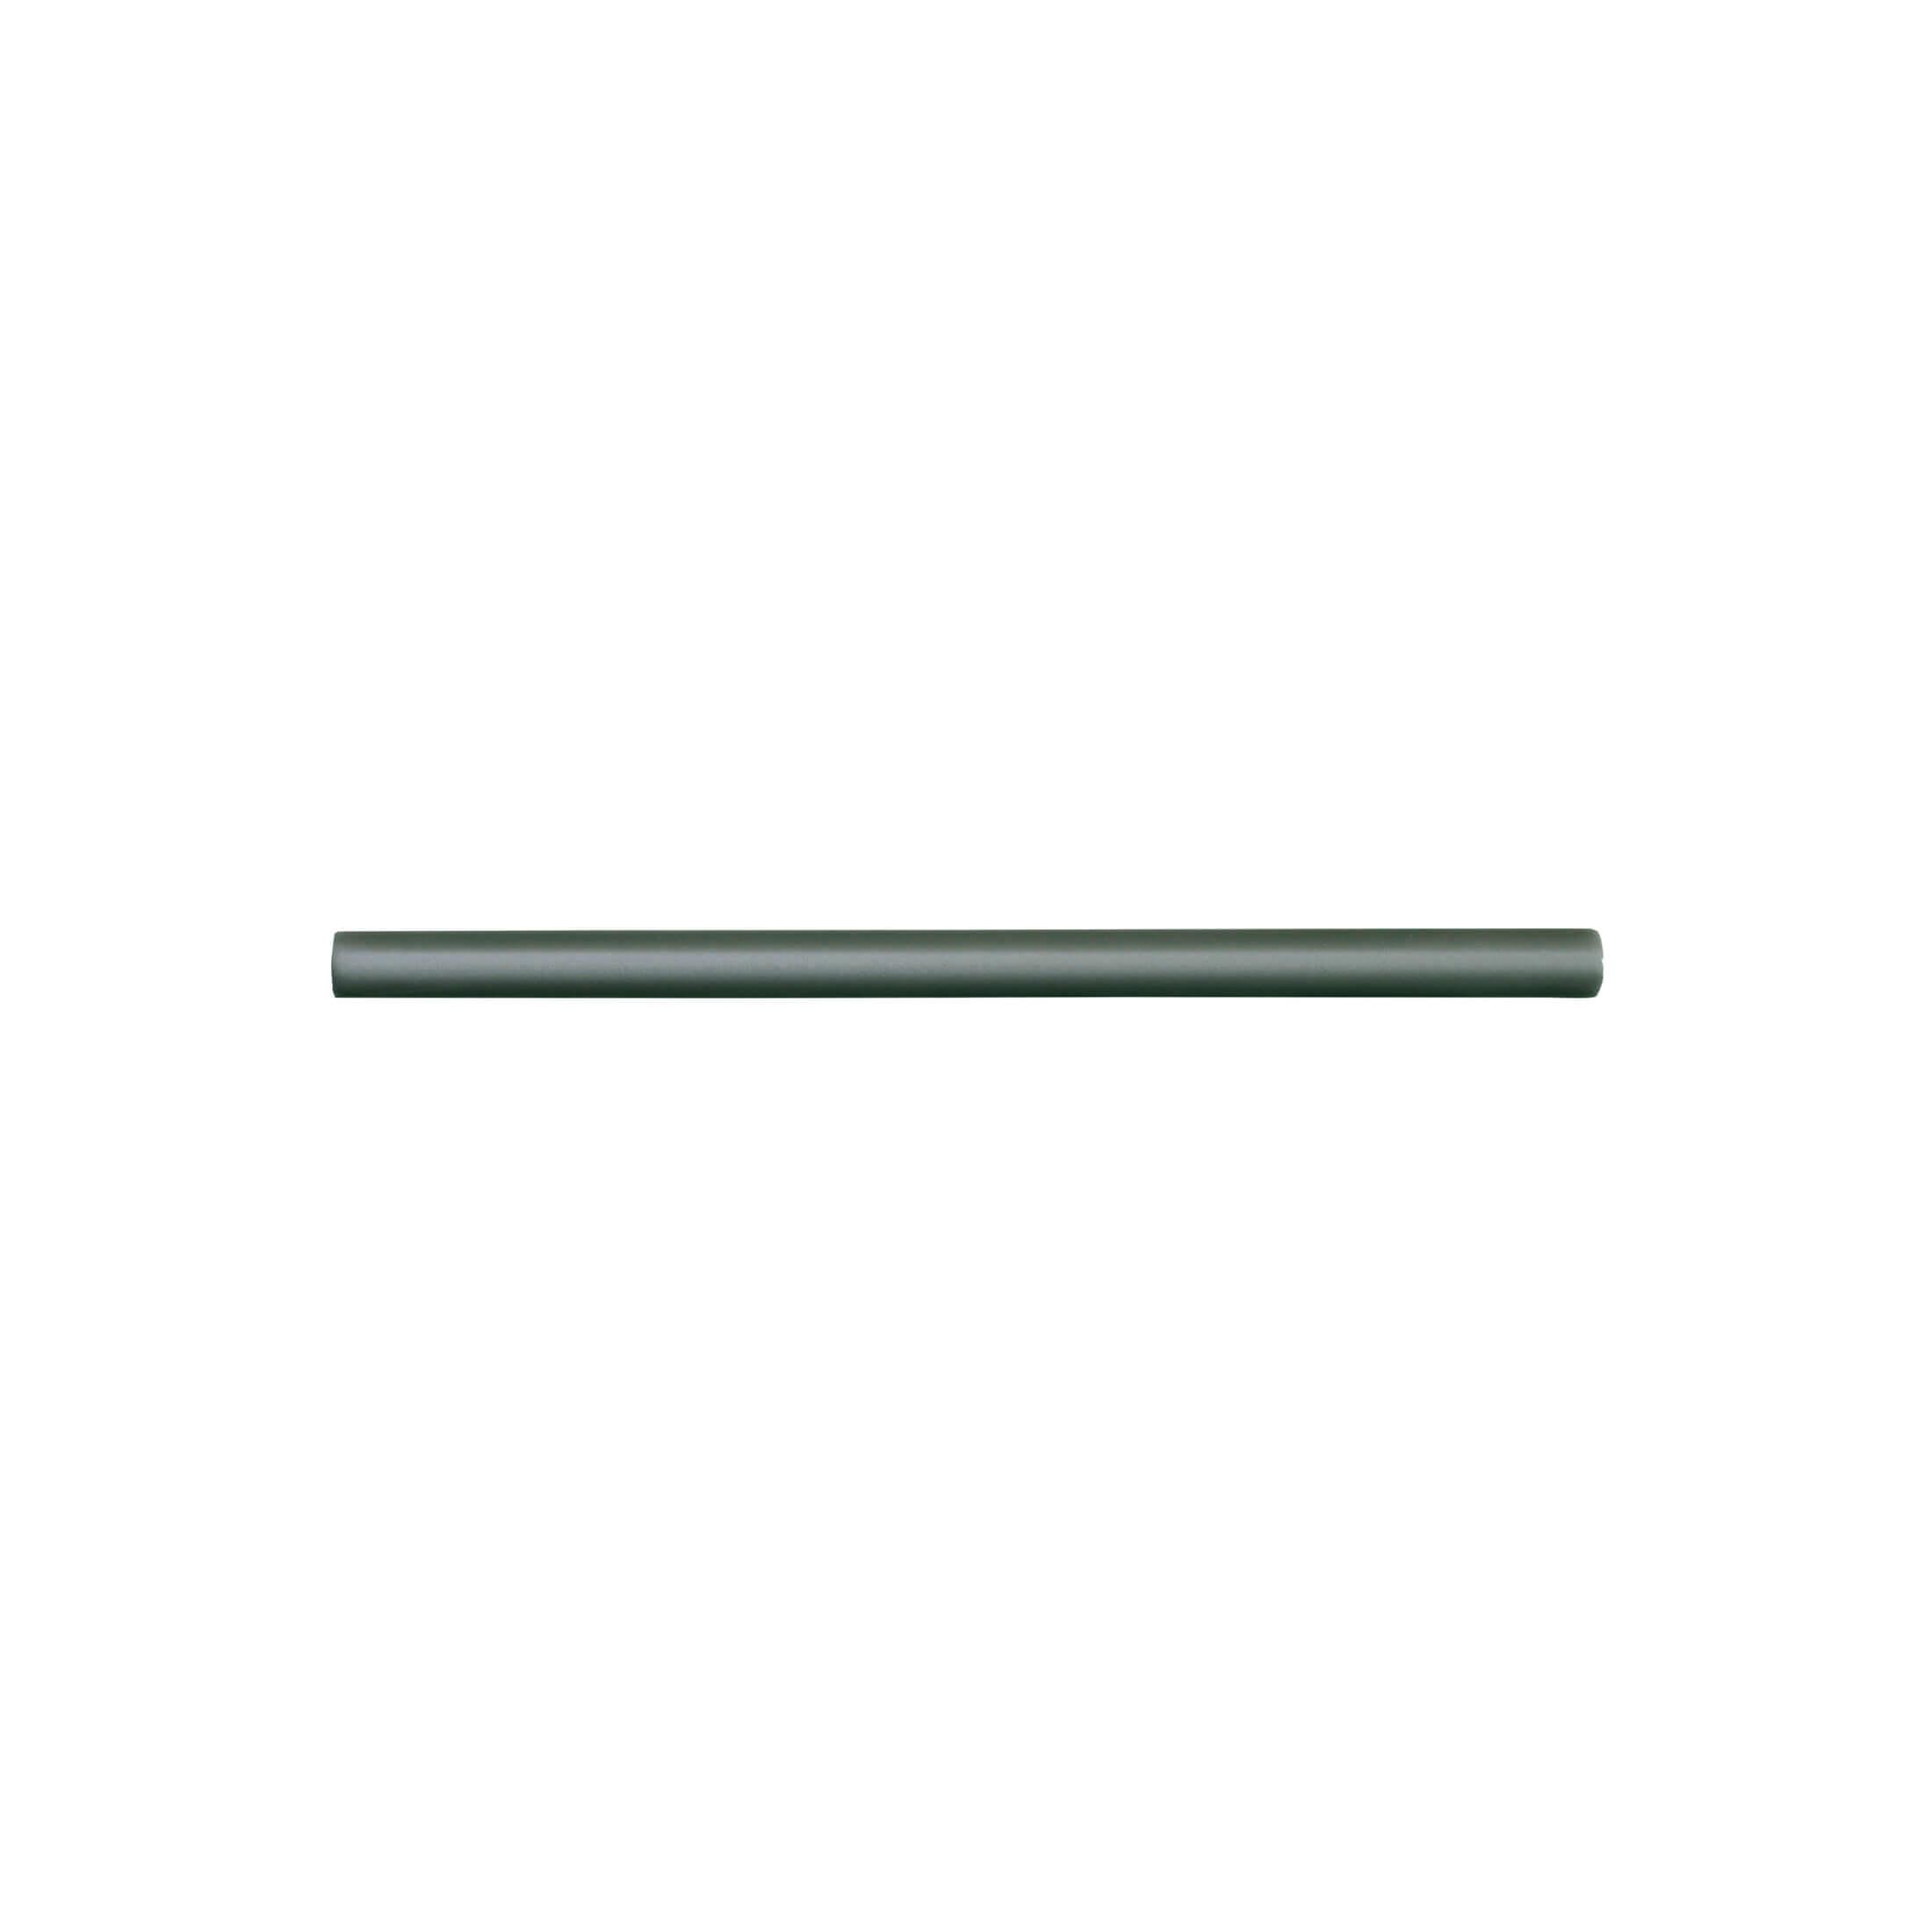 ADST5182 - BULLNOSE TRIM - 0.75 cm X 19.8 cm